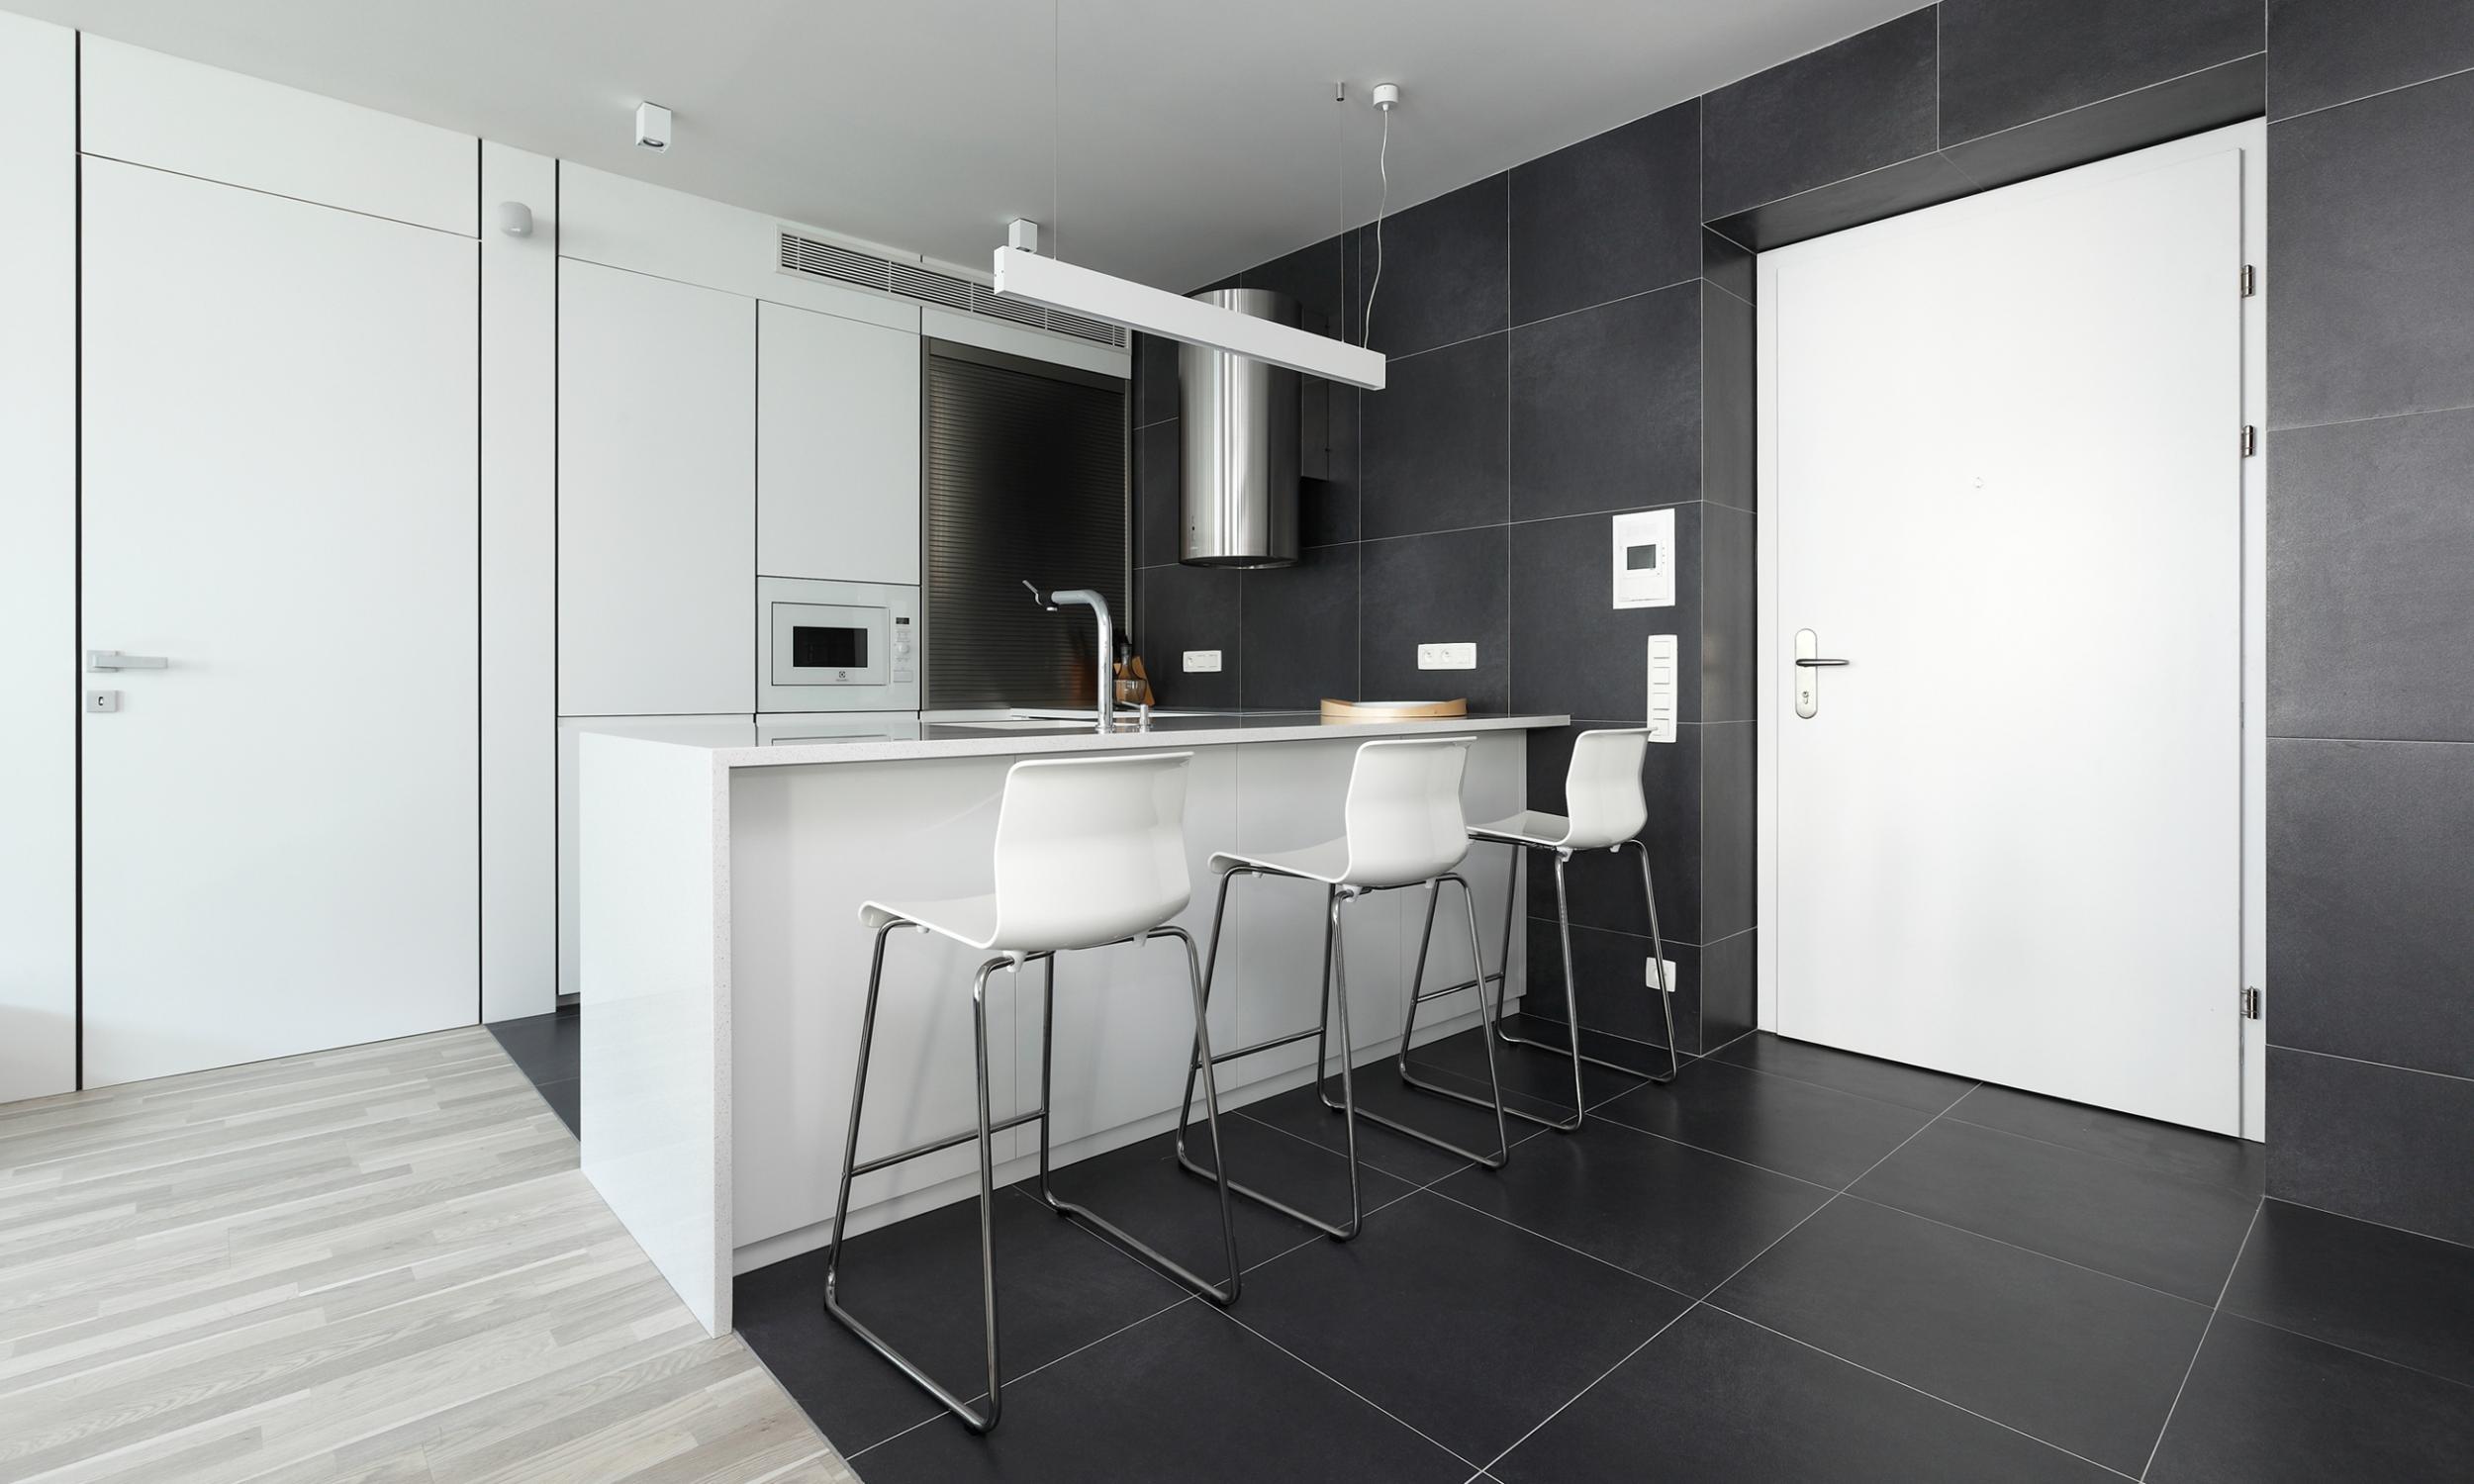 Küchen | RULES Architekten